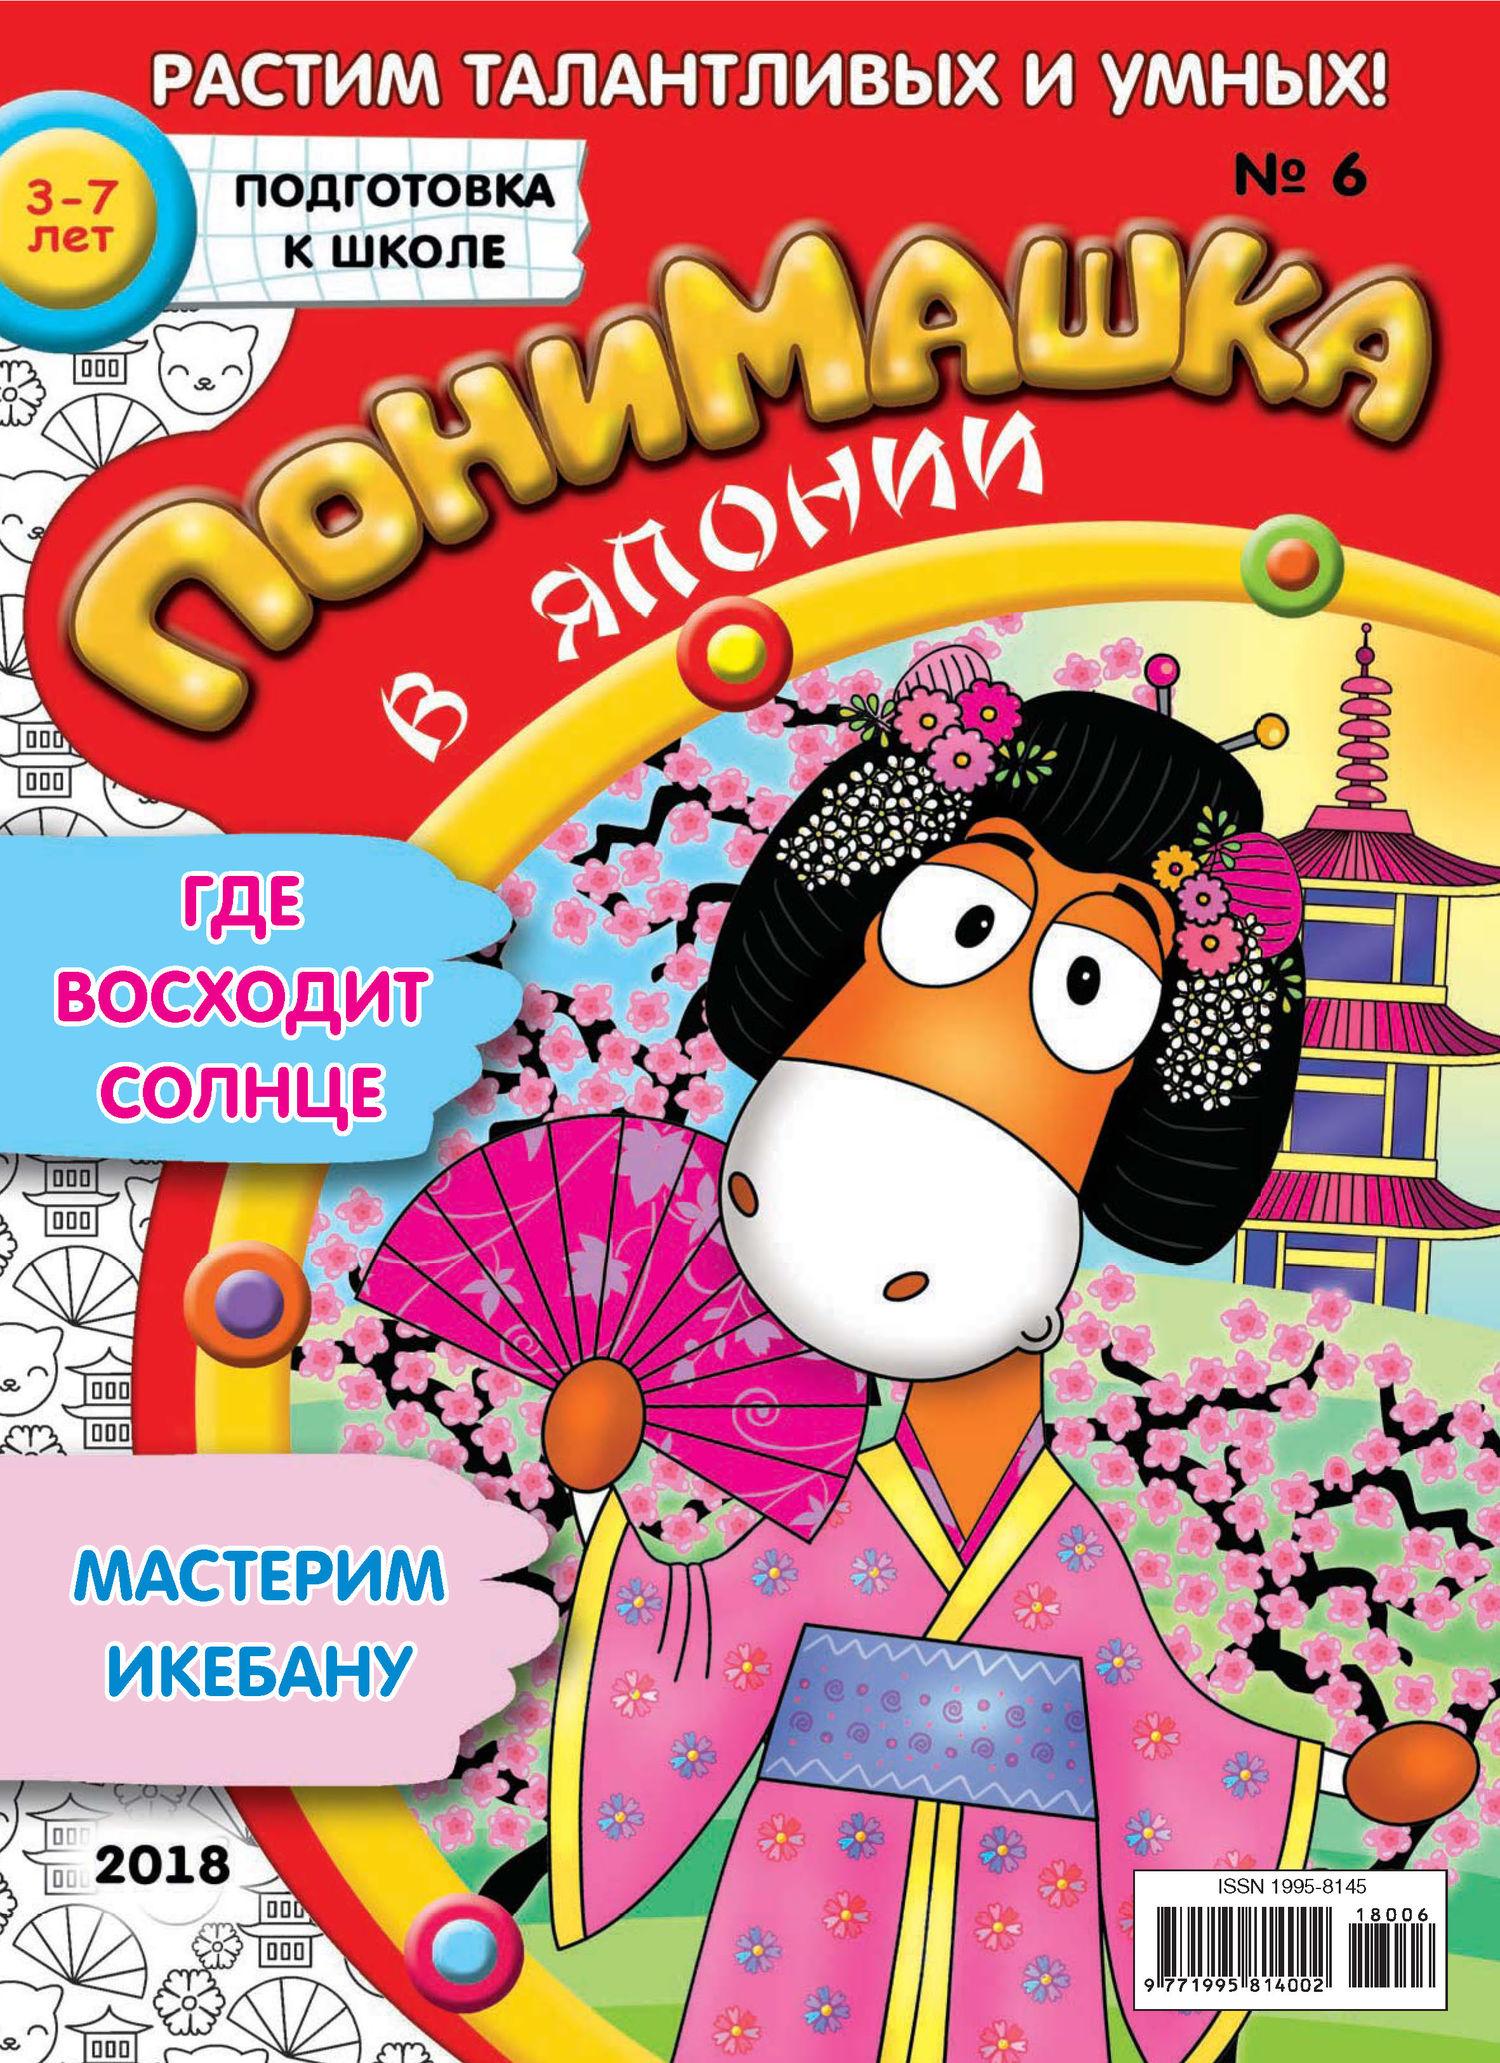 ПониМашка. Развлекательно-развивающий журнал. №06/2018